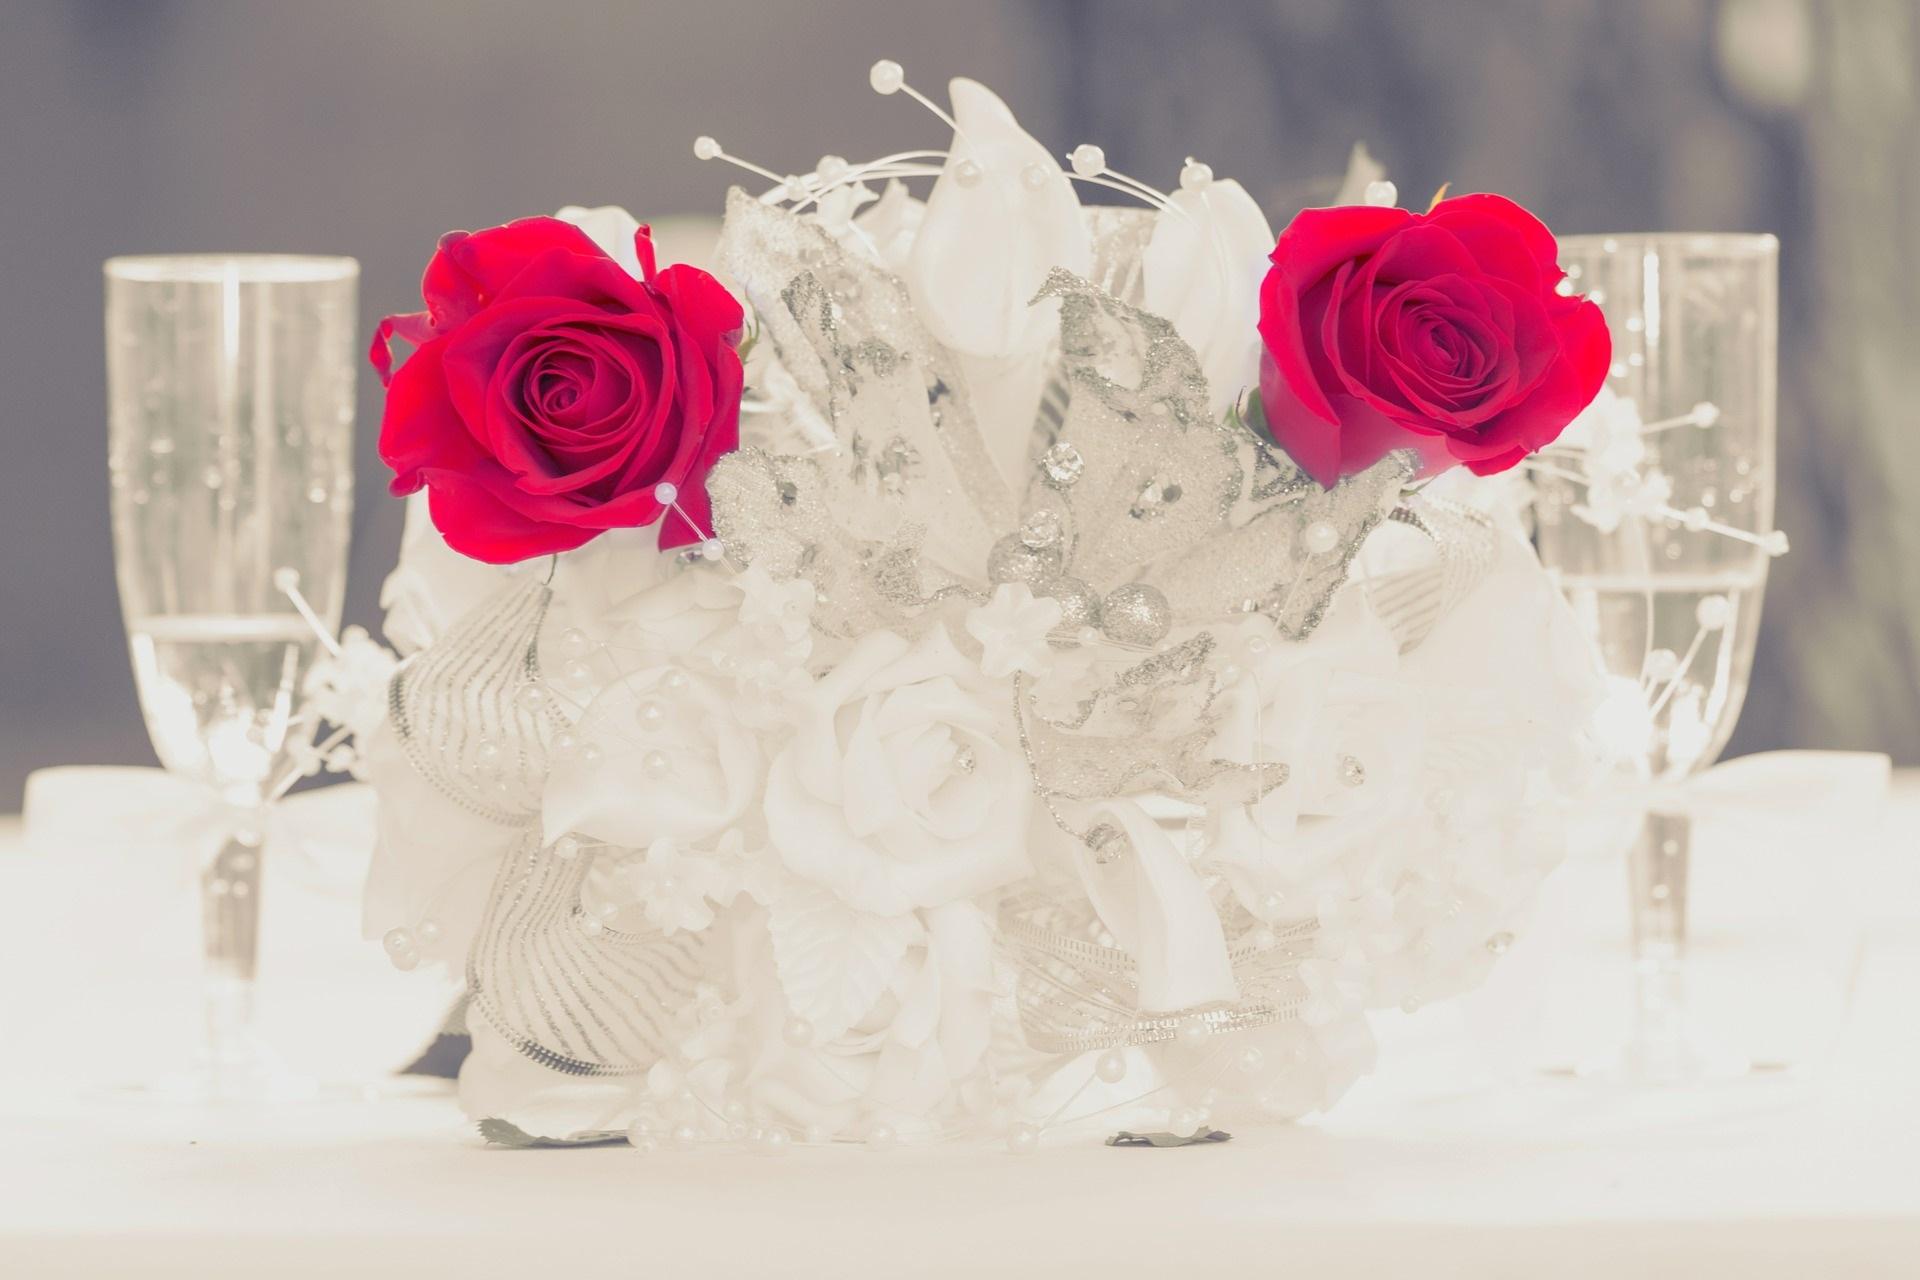 Gläserne Eleganz - Hochzeitstrends 2019